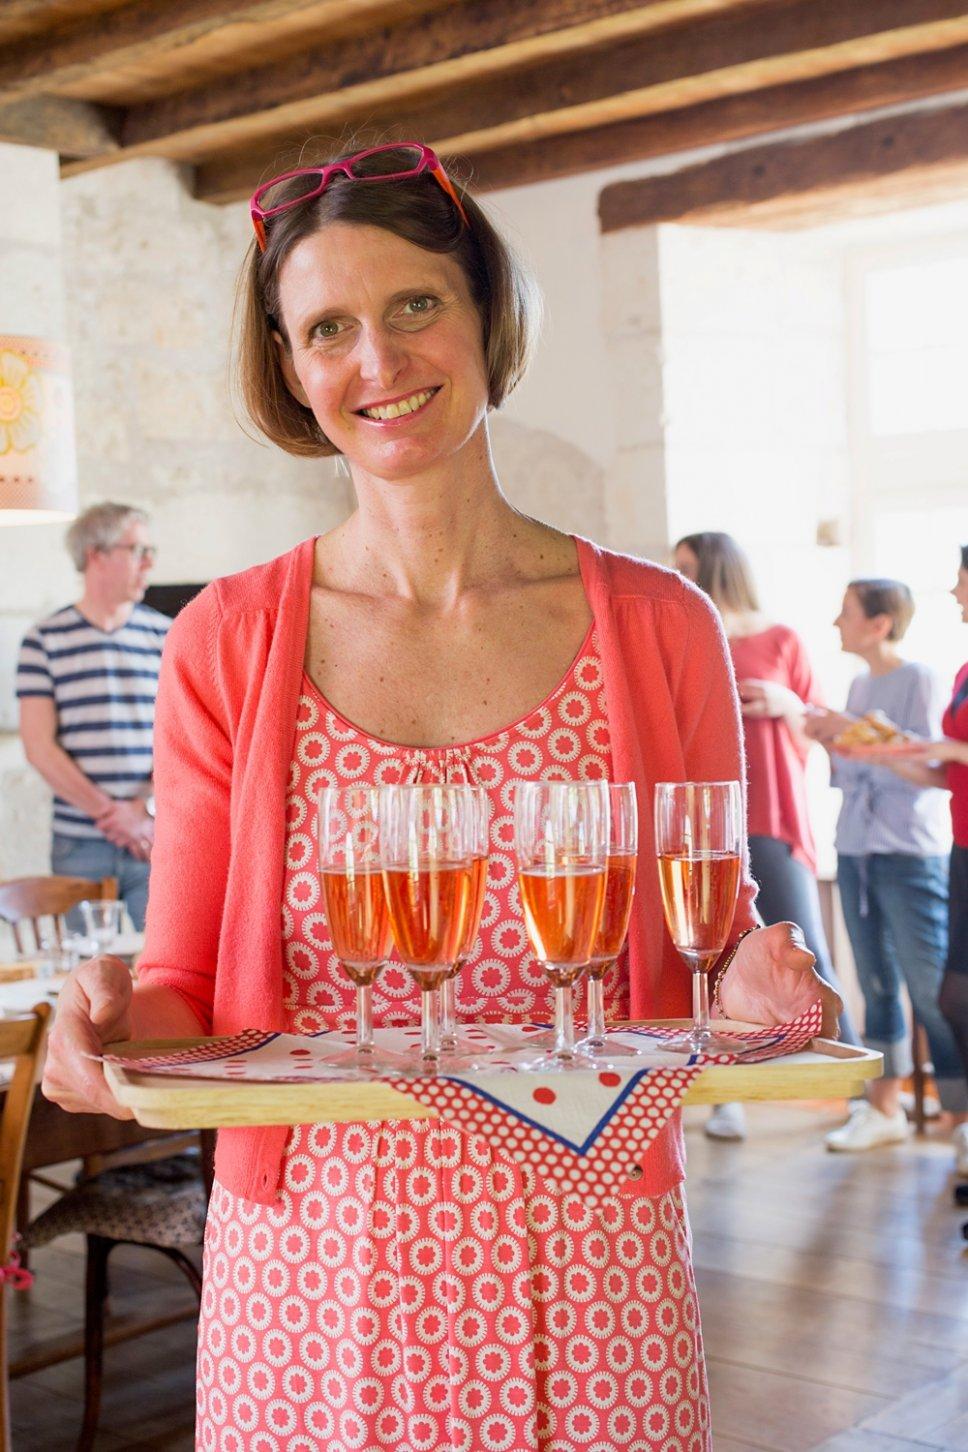 Frau trägt Tablett mit gefüllten Champagnergläsern in altem französischen Landhaus